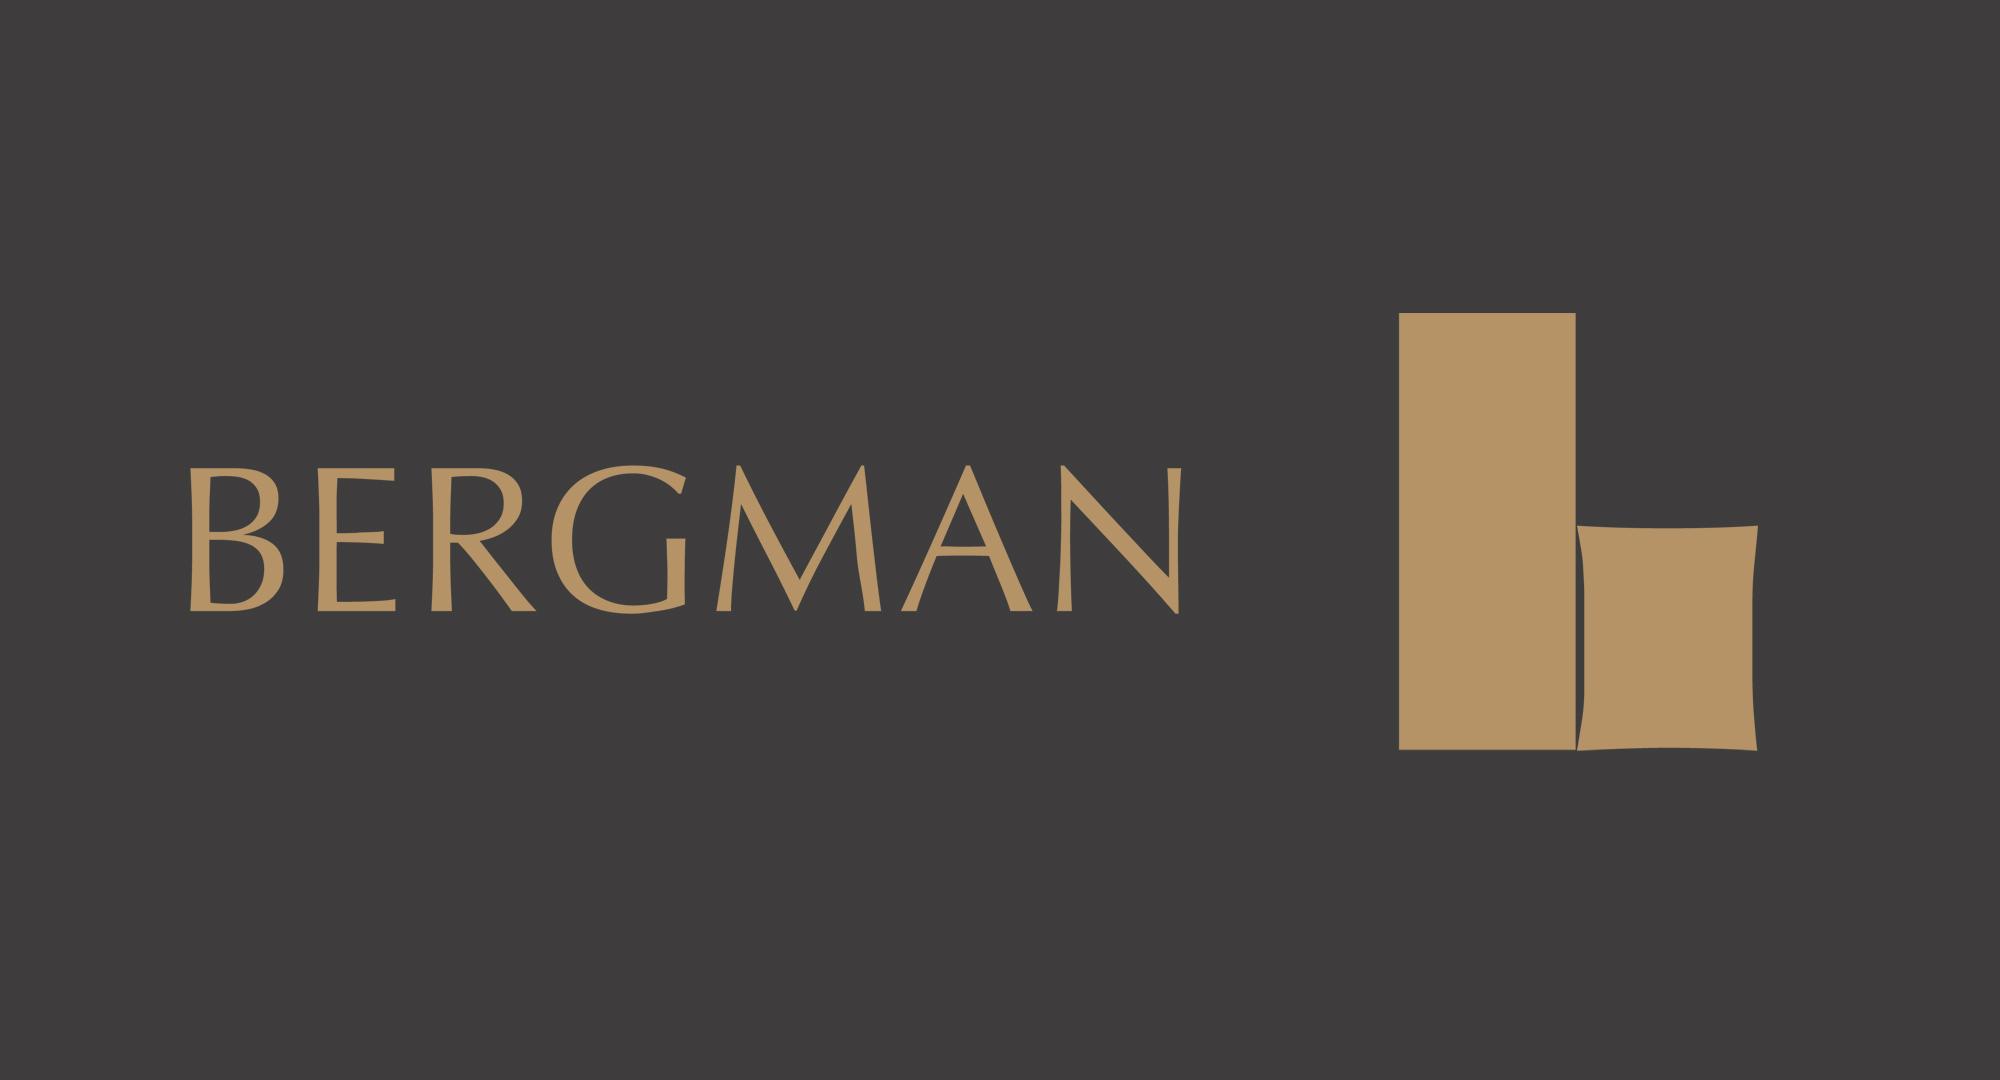 Cover image: Bergman